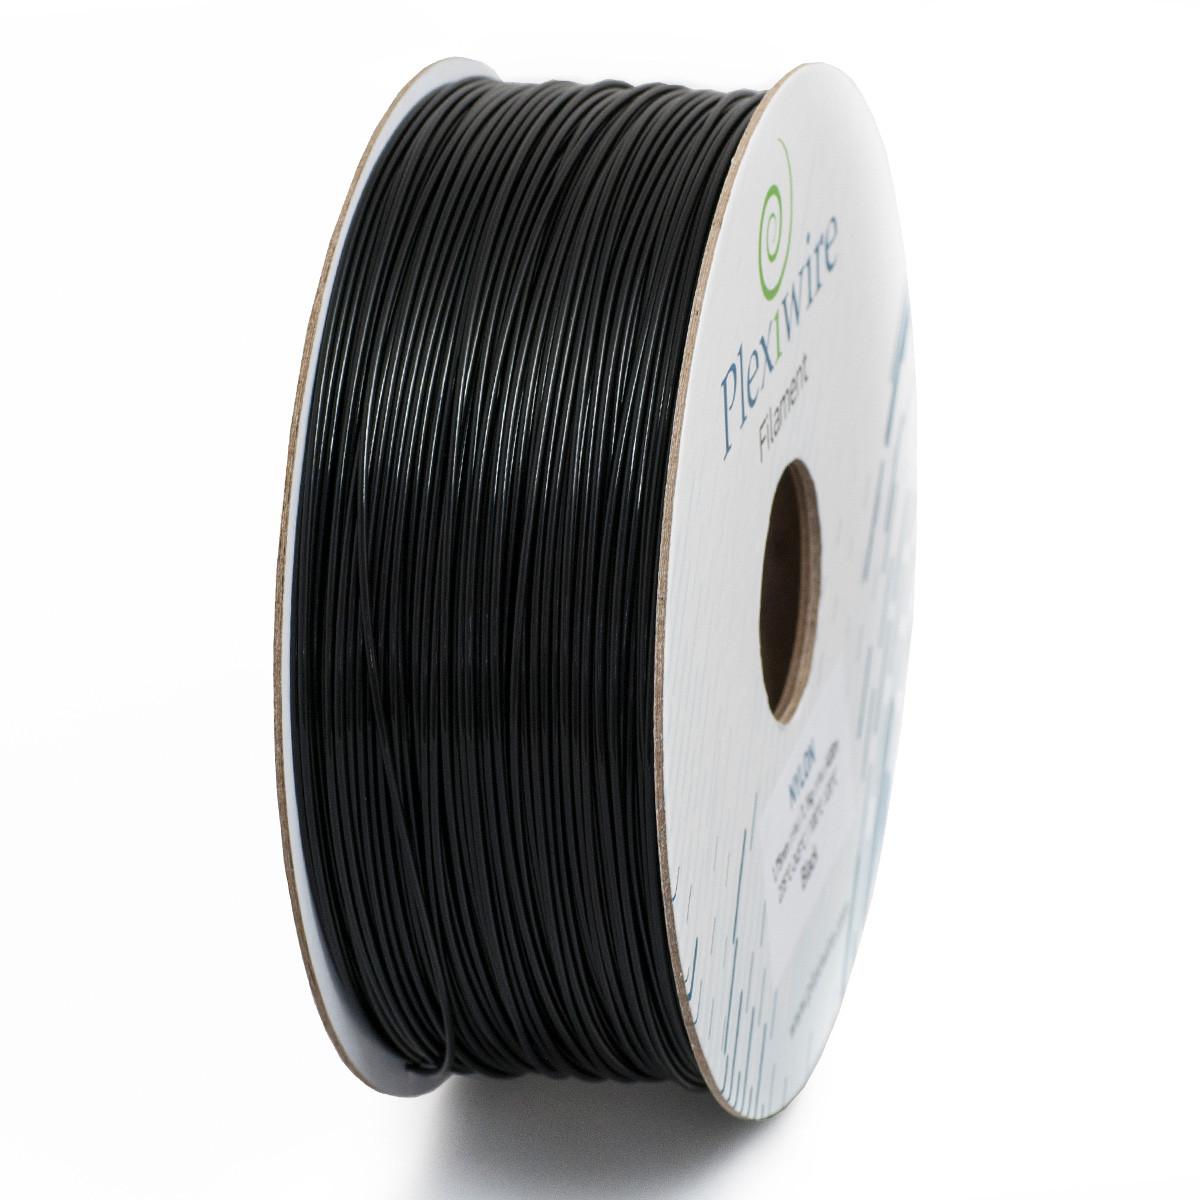 NYLON пластик Plexiwire для 3D принтера 1.75 мм Чорний (300 м / 0.825 кг)